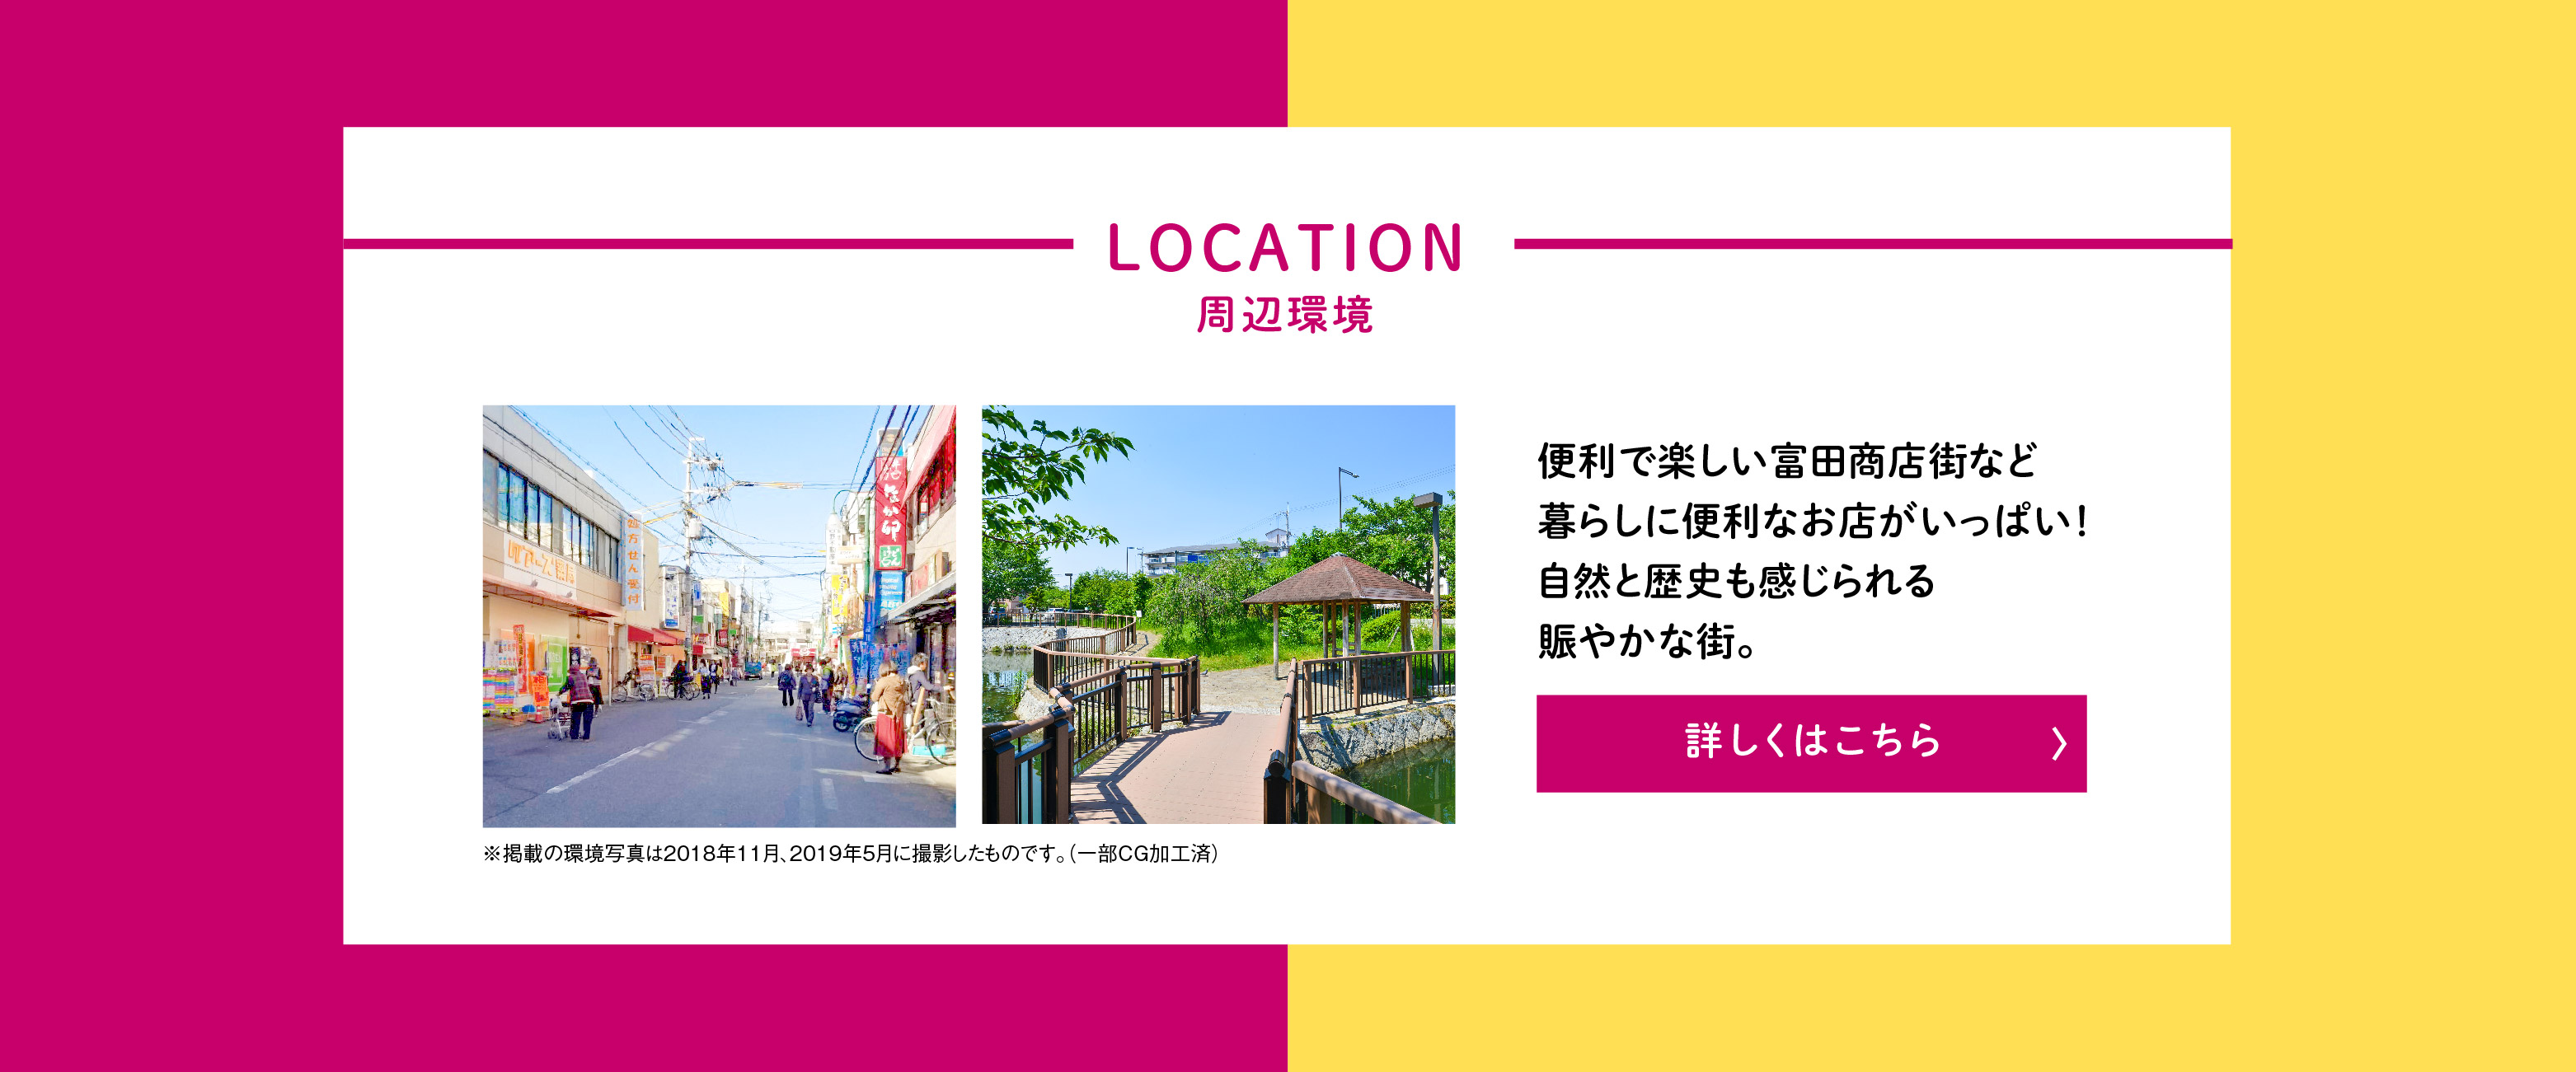 【高槻プレミアム】LOCATION